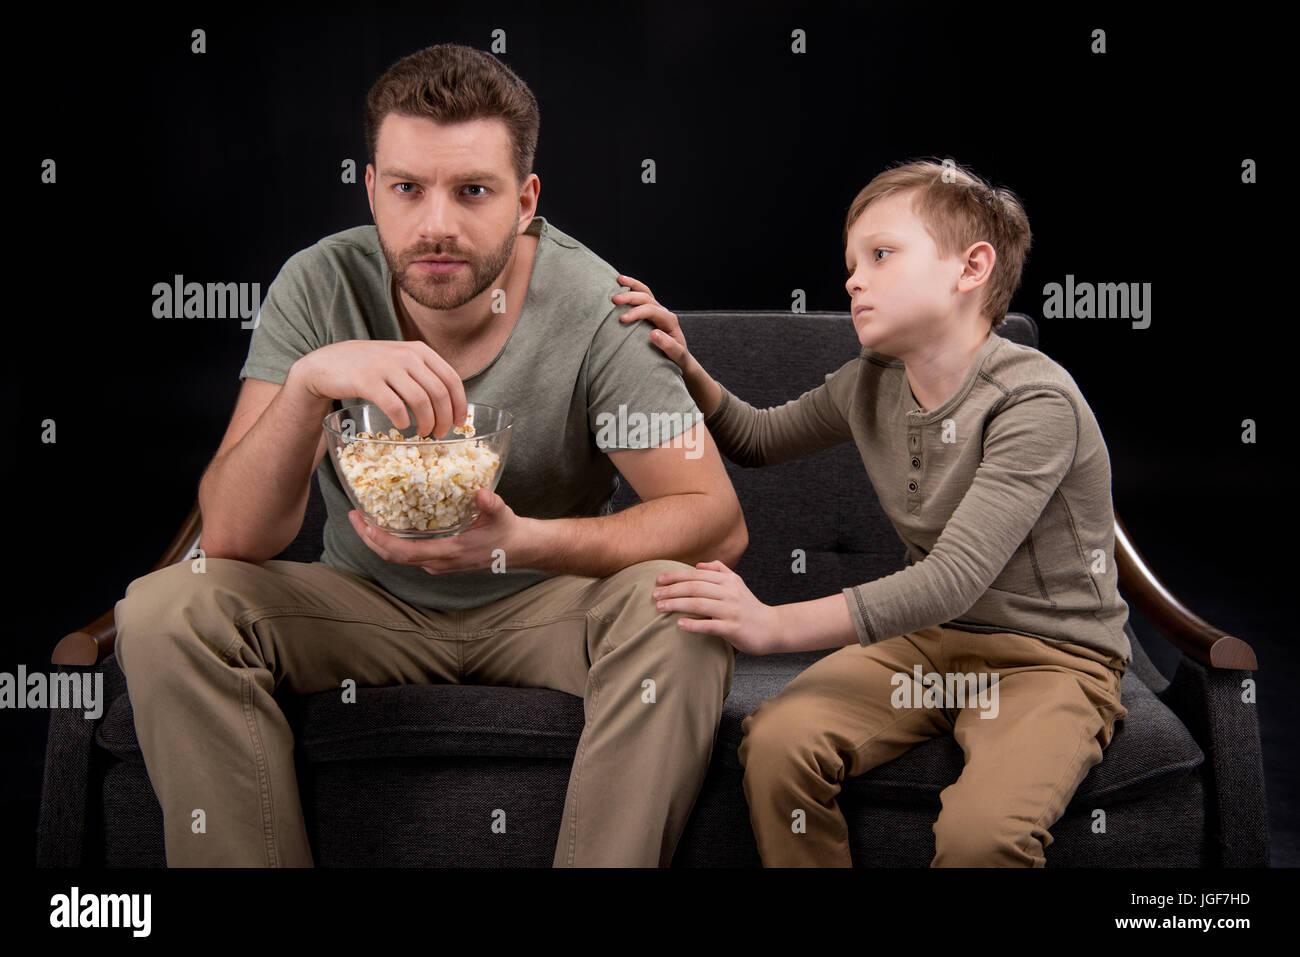 Petit garçon essaie de parler avec le père eating popcorn et regarder la télé sur canapé, les problèmes de famille Banque D'Images